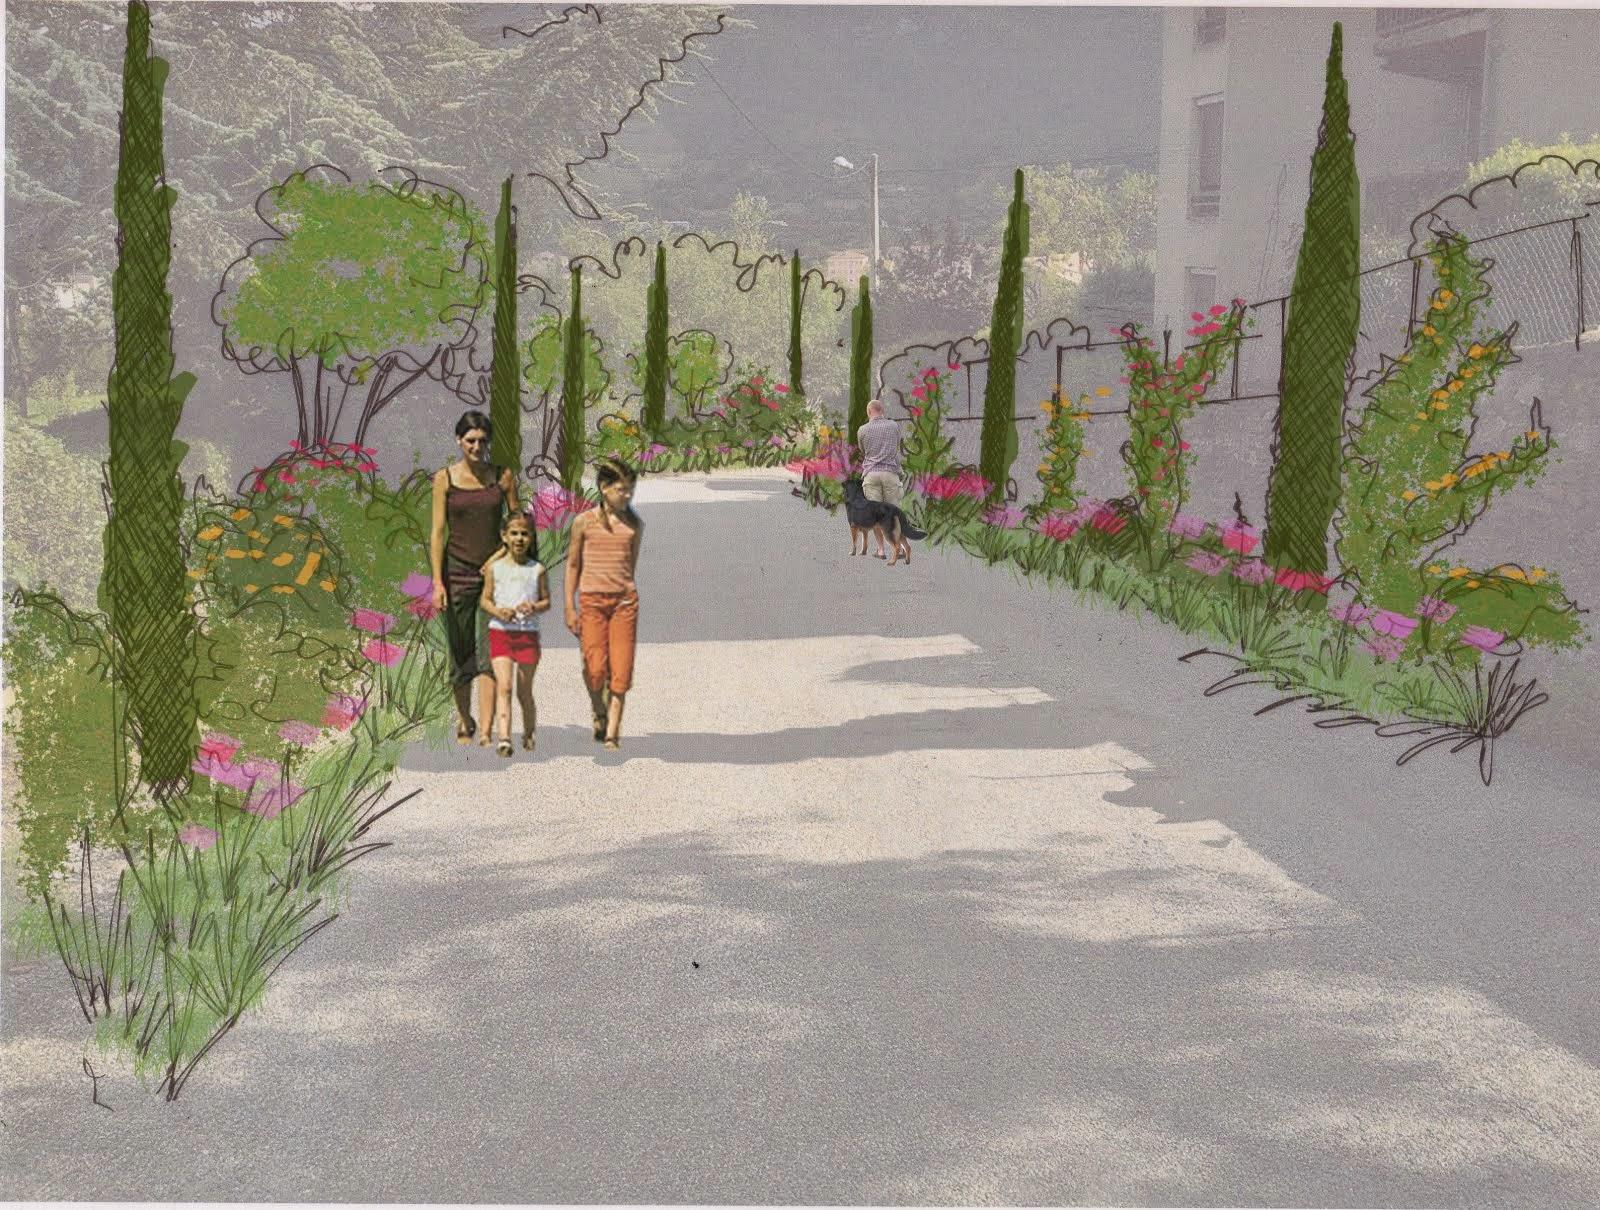 Les images du projet de boulevard jardin